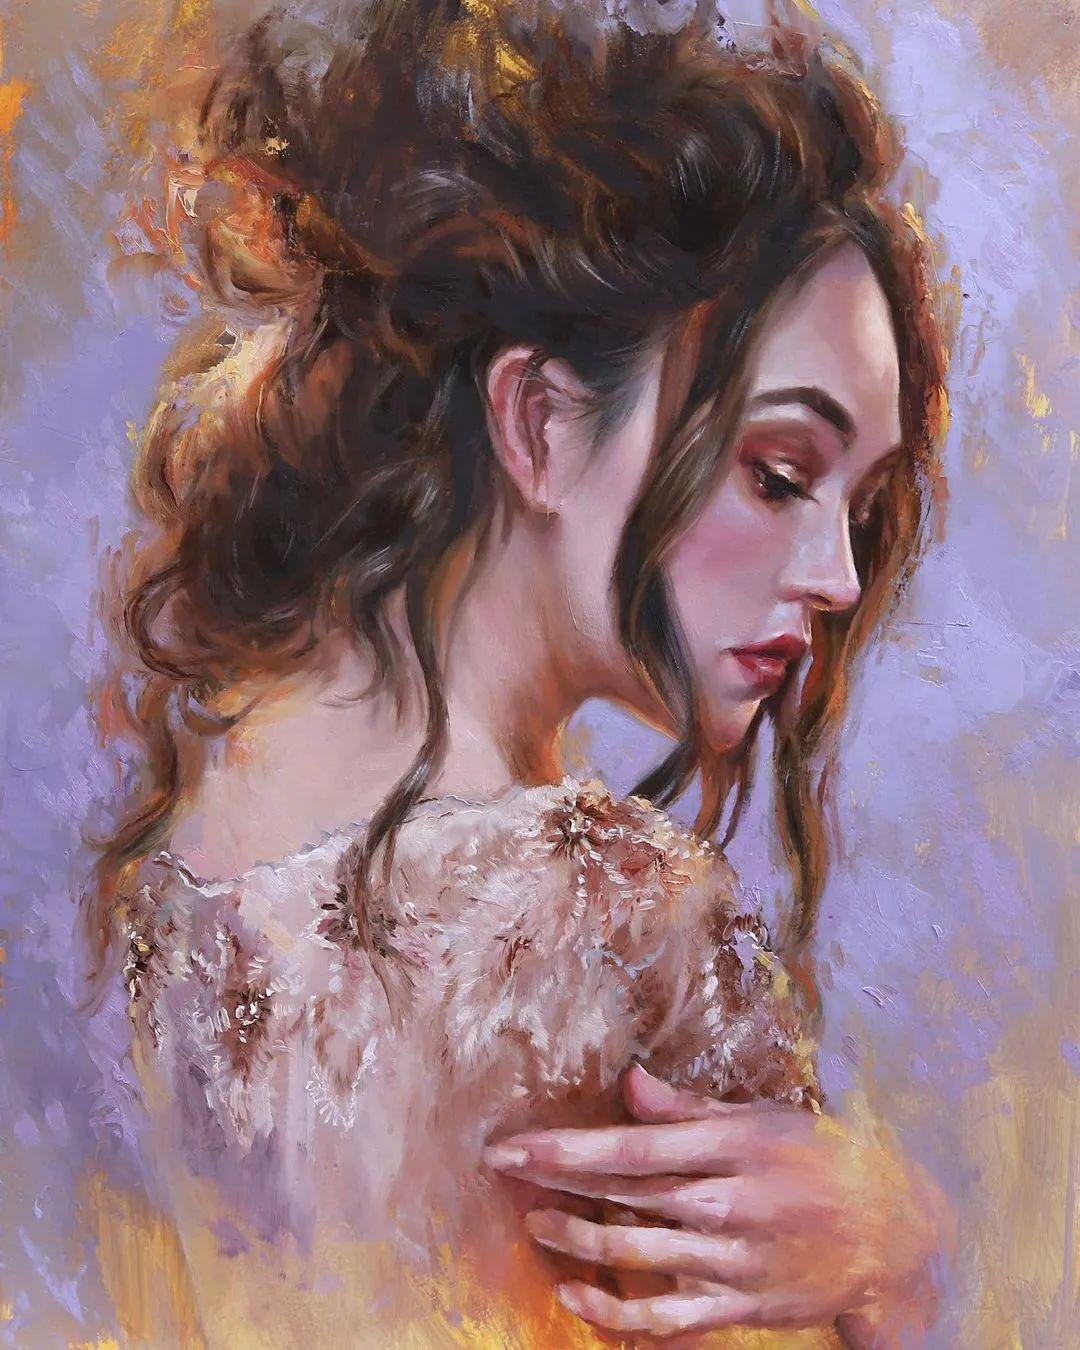 艺术家安娜的精美油画艺术作品欣赏插图1